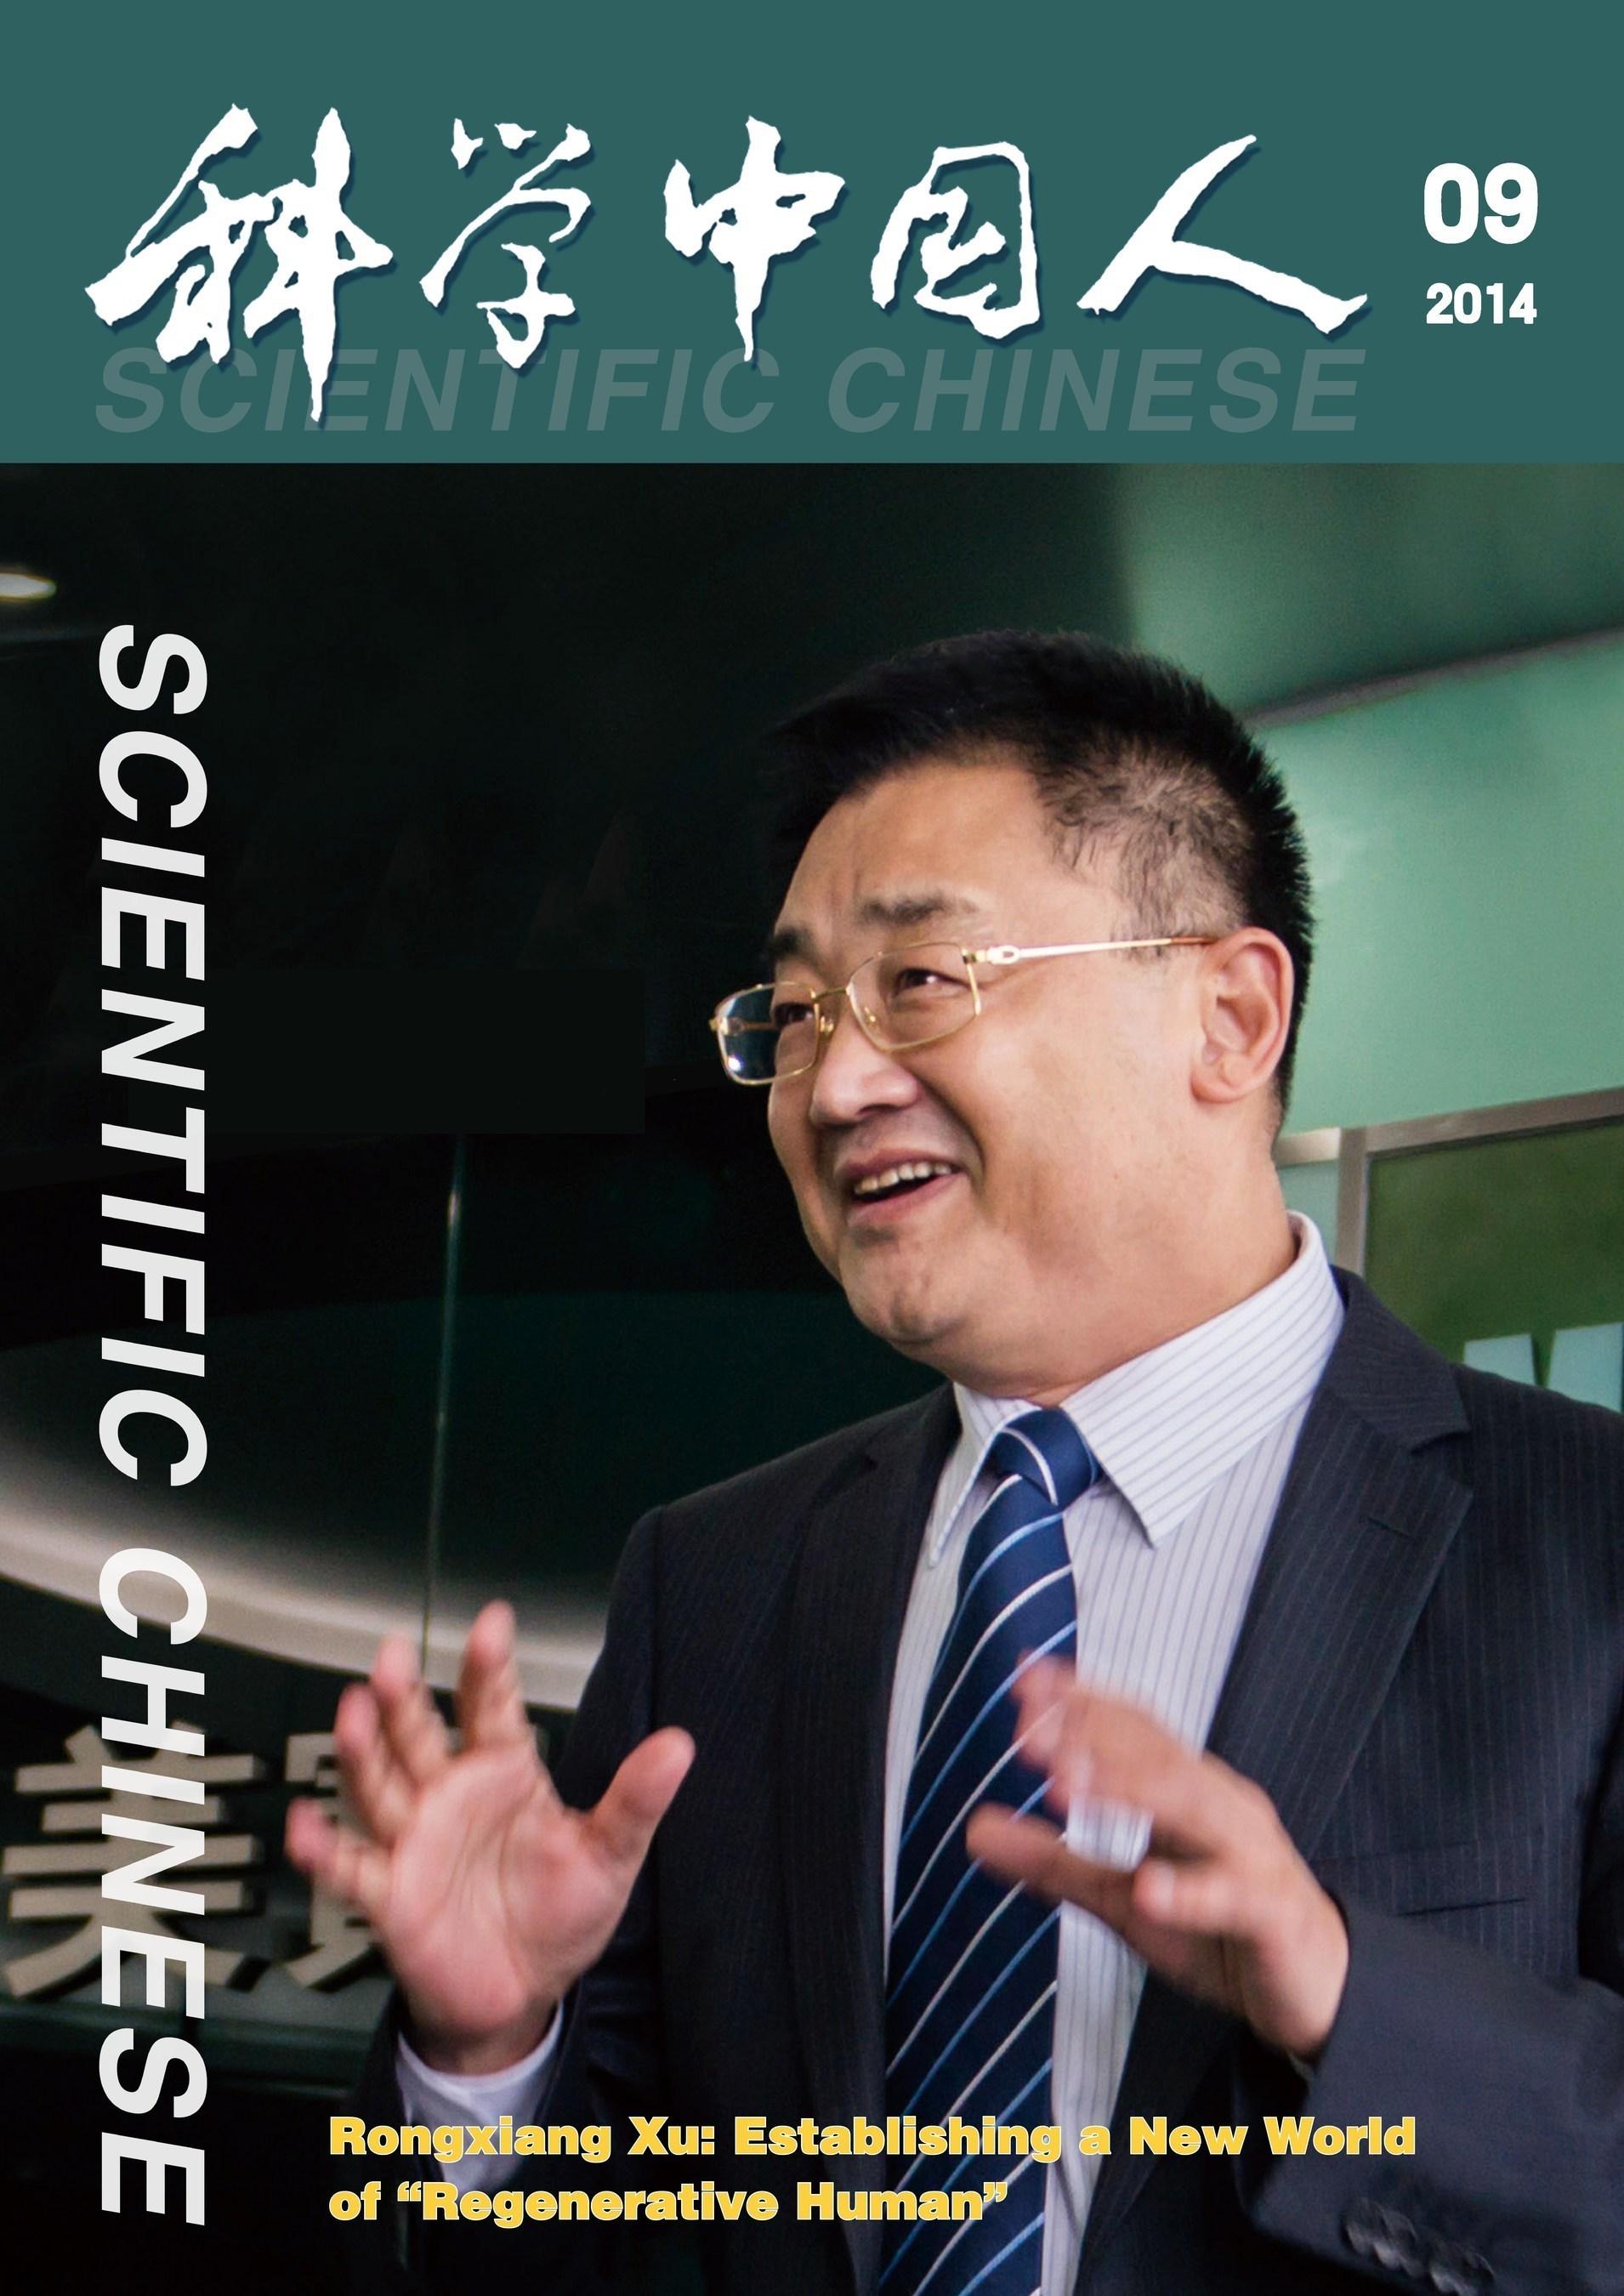 Le Dr Rongxiang Xu, titulaire du brevet sur la régénération d'organes endommagés, priorité absolue